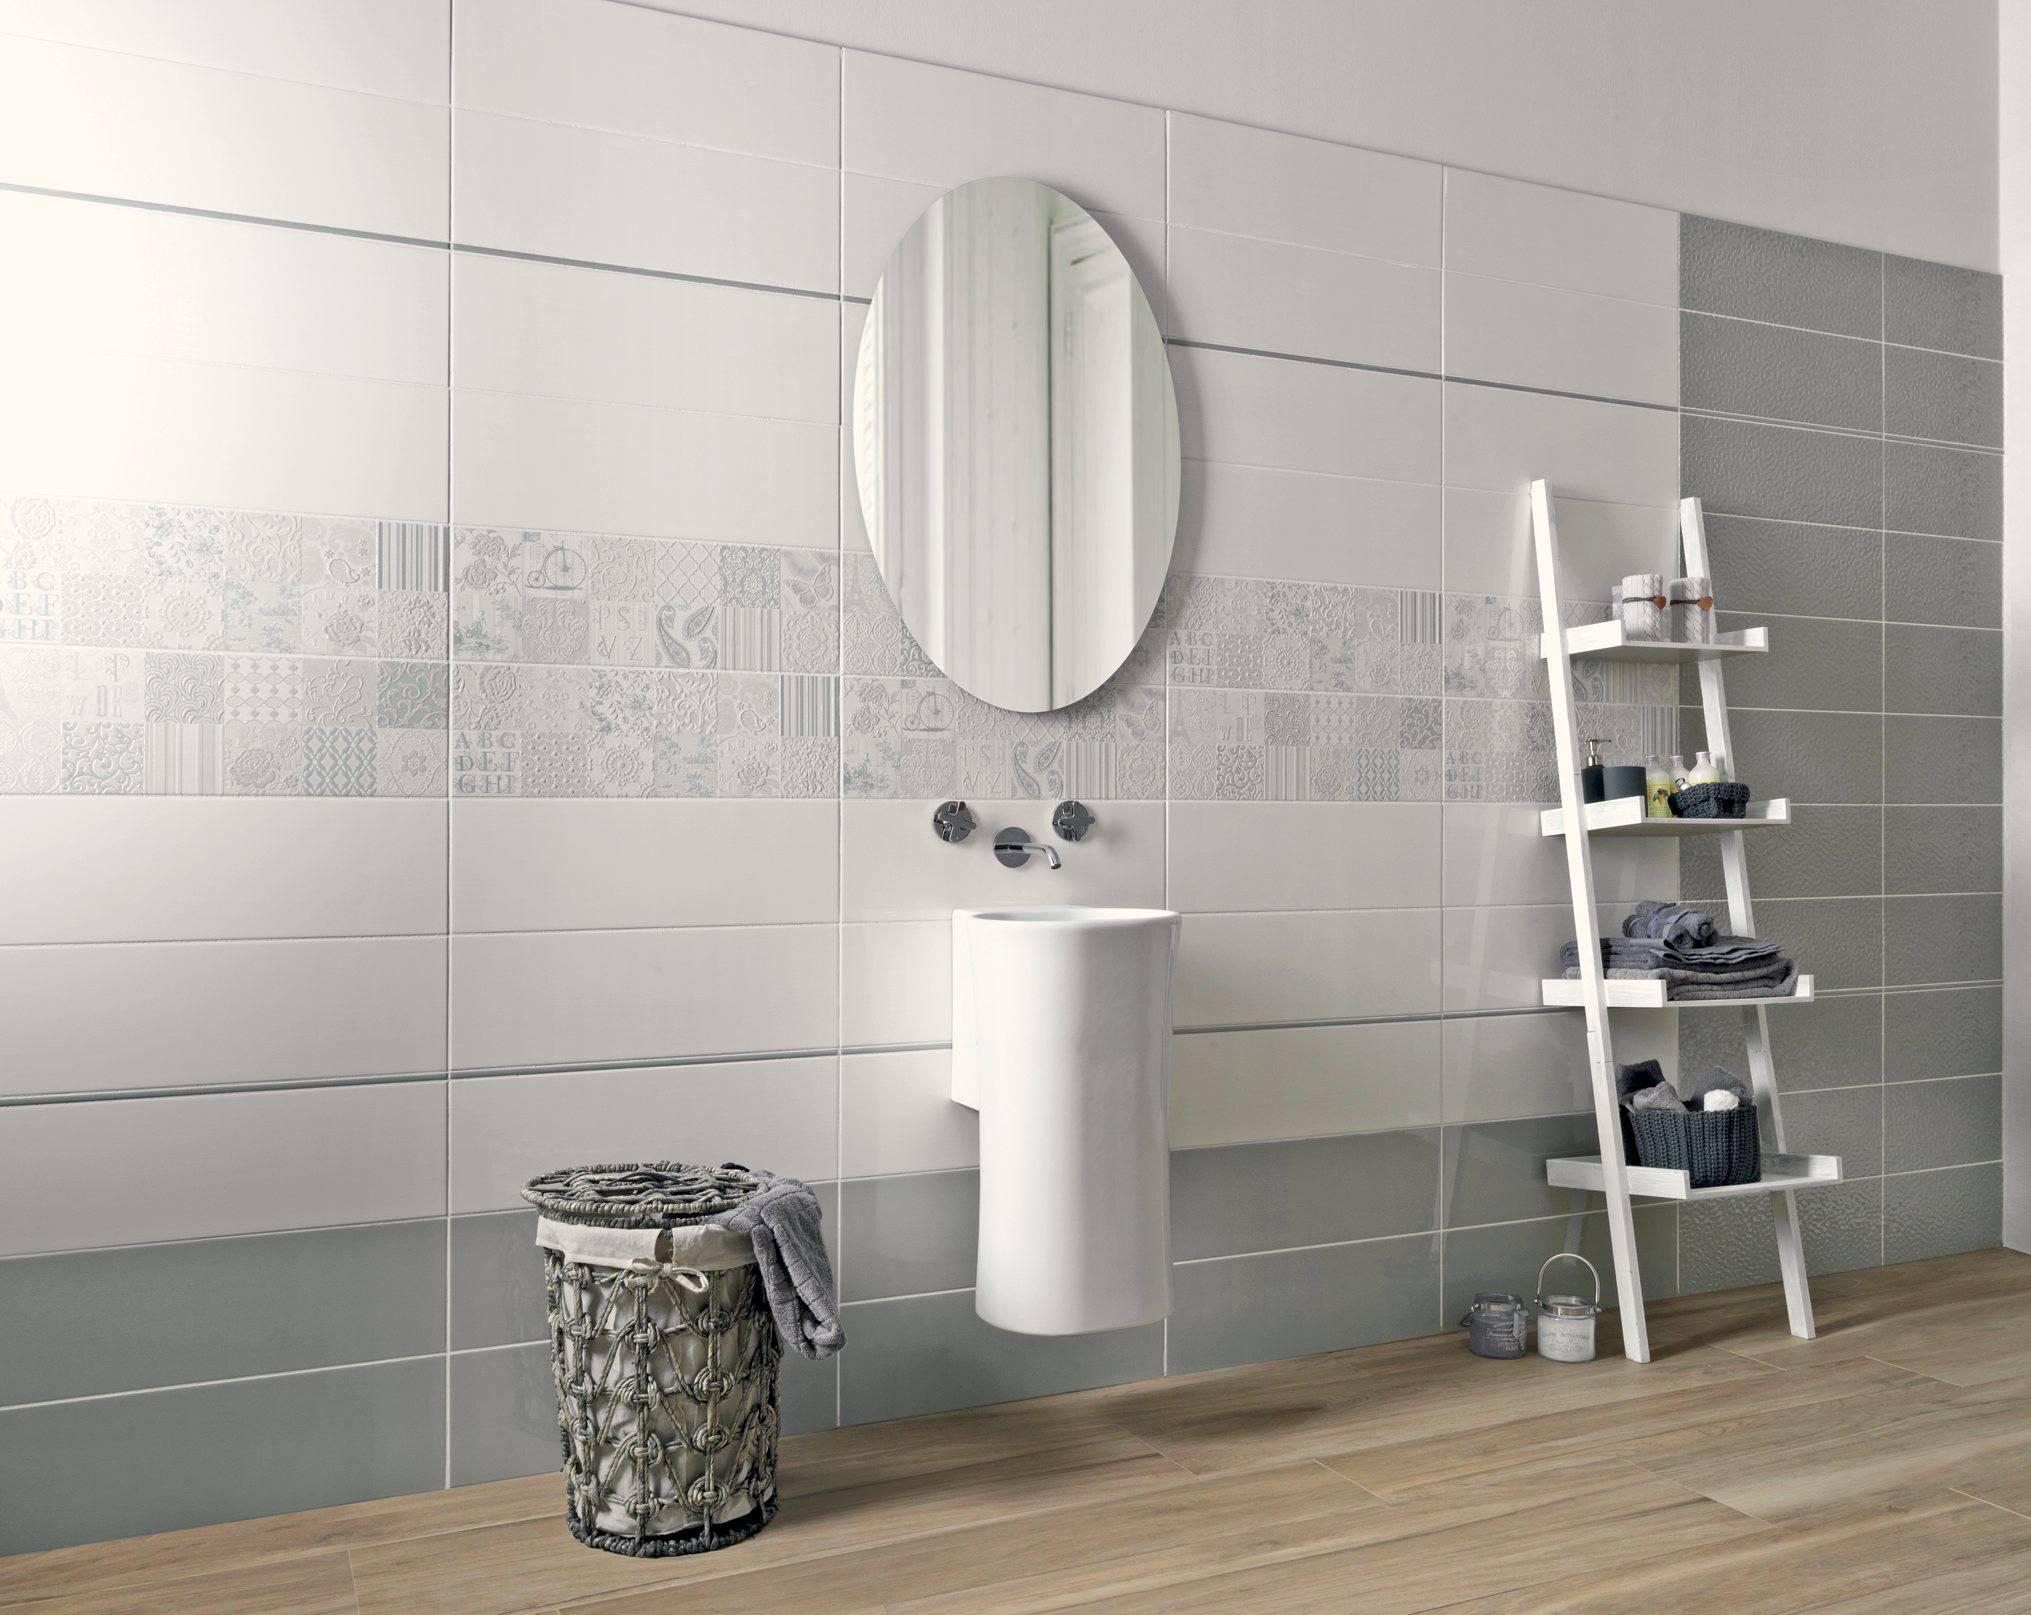 Collezione grace rivestimento armonie ceramiche - Allestimento bagno ...